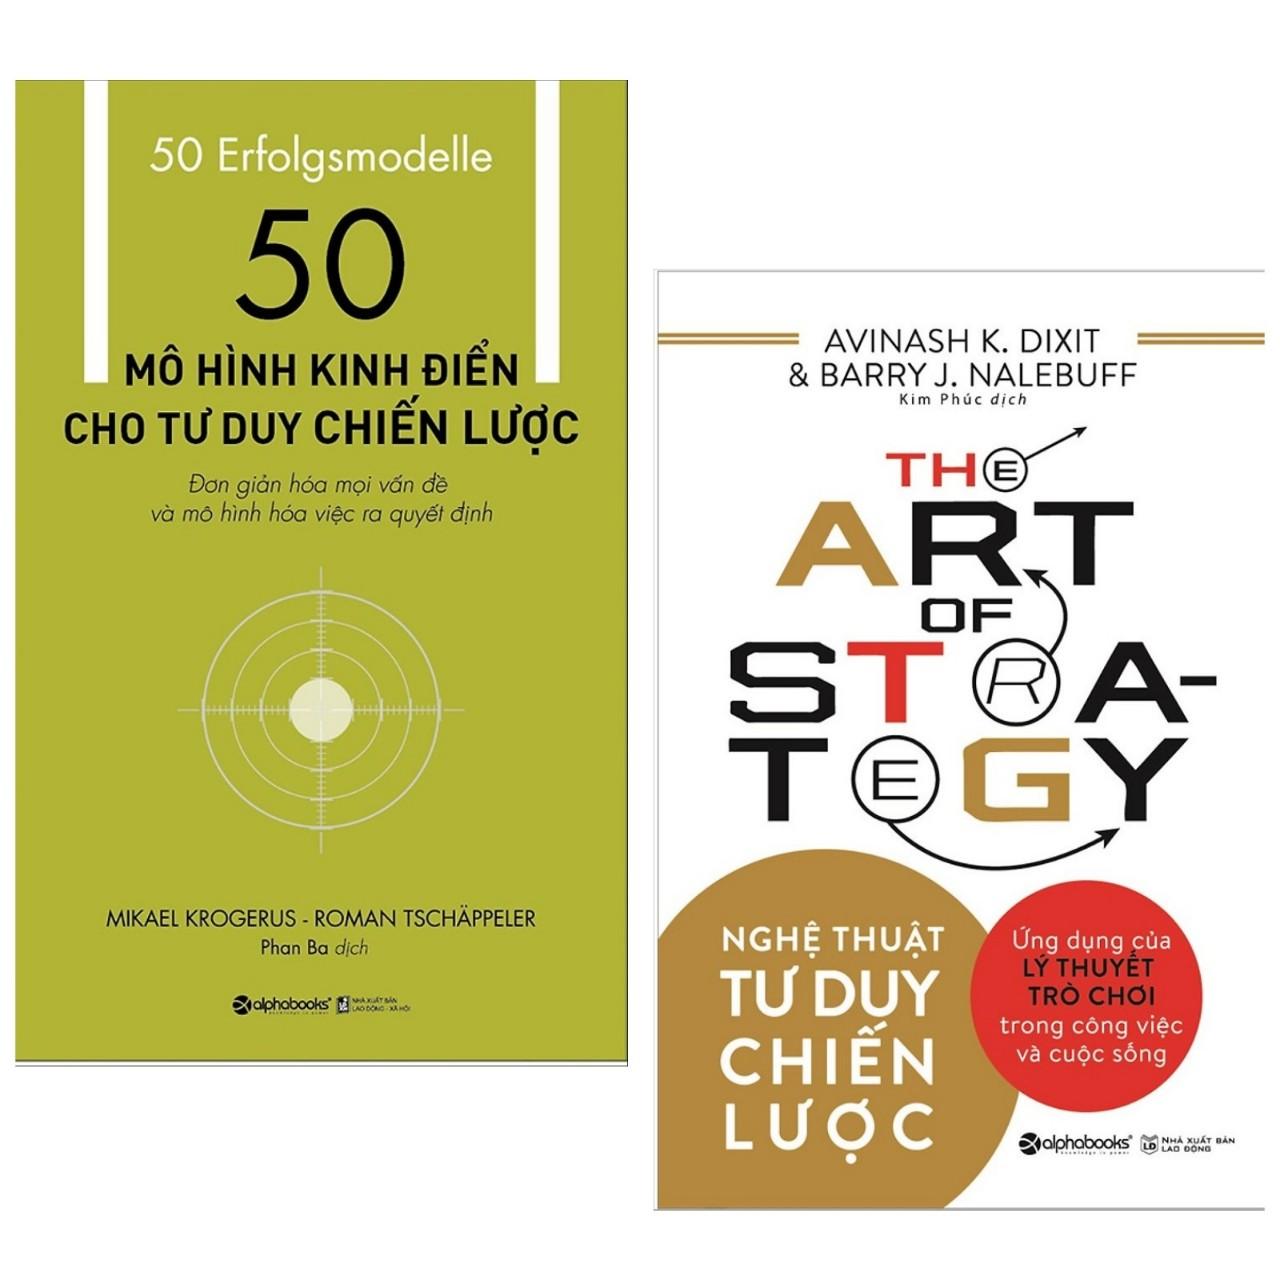 Combo sách kinh tế hay  50 mô hình kinh điển cho tư duy chiến lược   Nghệ thuật tư duy chiến - Tặng kèm postcard GREEN LIFE